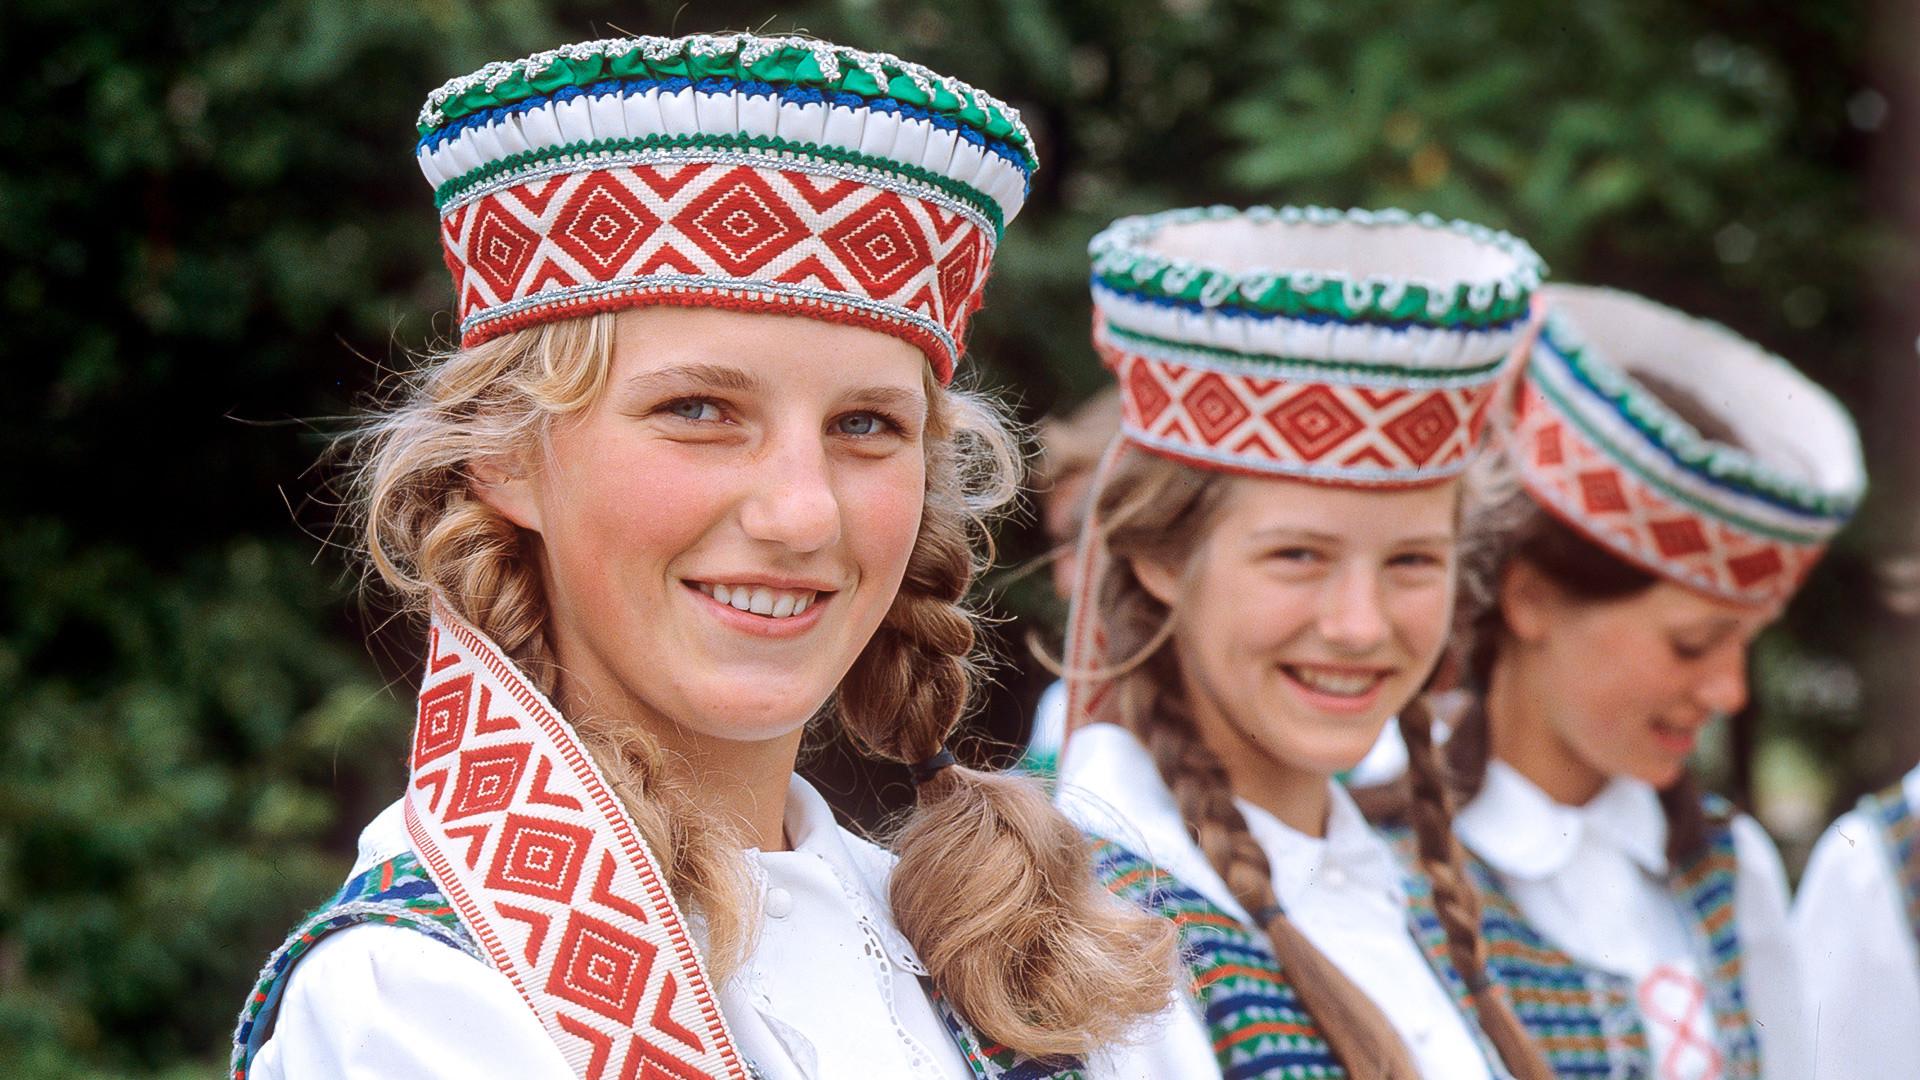 Литовские девушки в национальных костюмах, 1984 г.